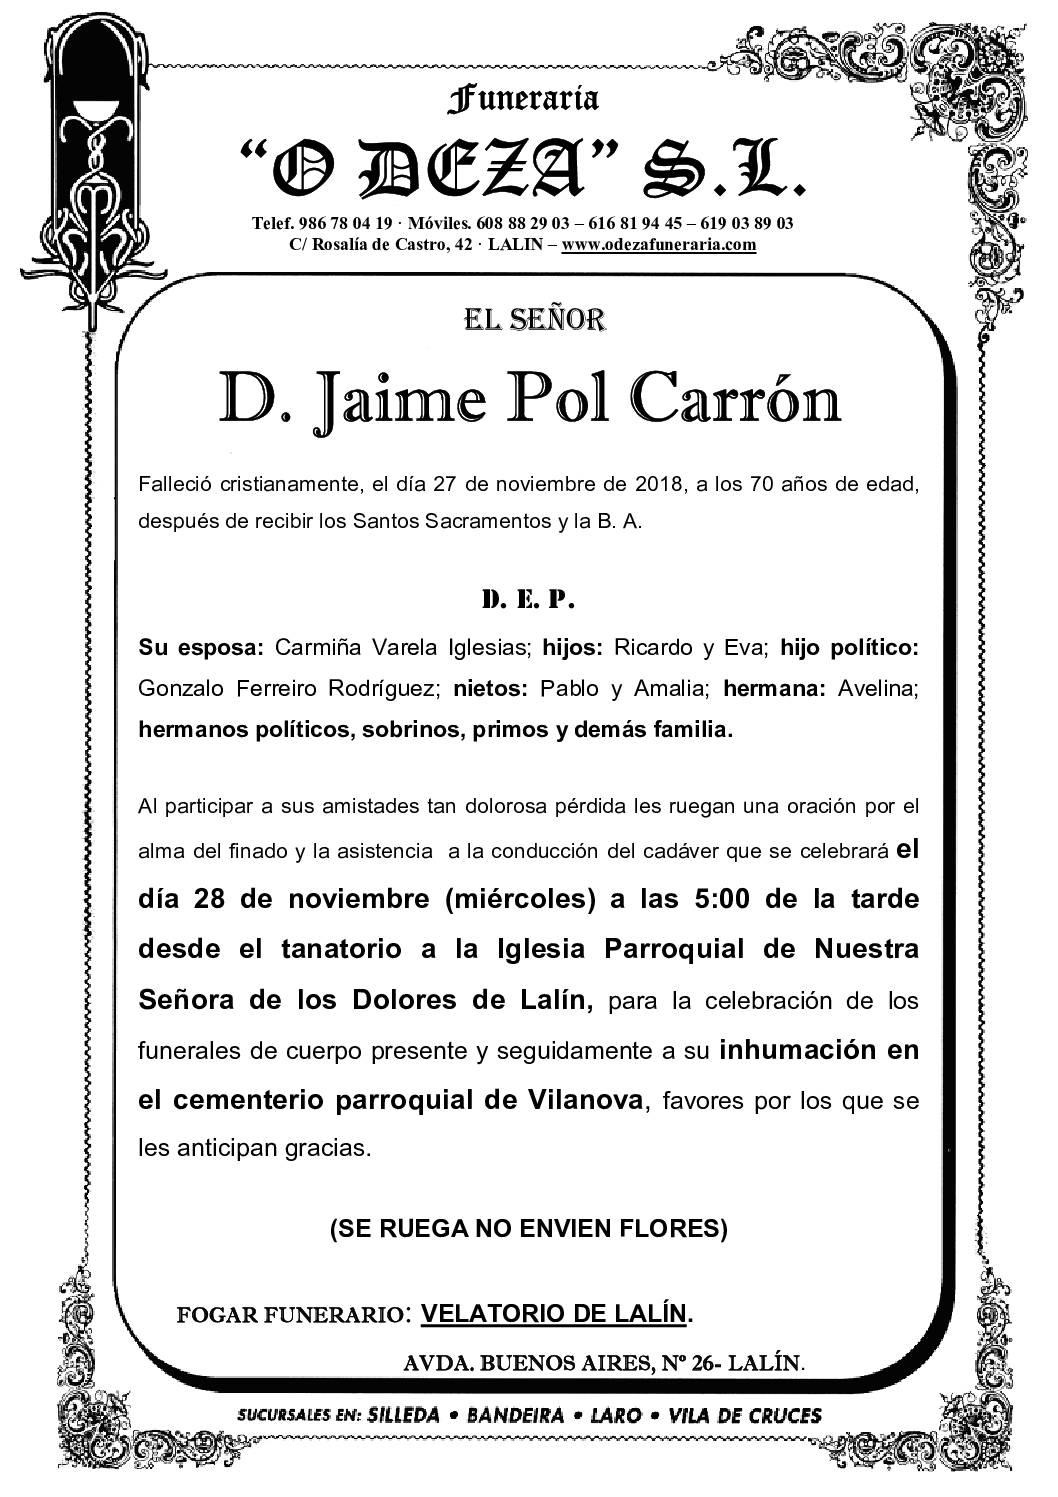 D. JAIME POL CARRÓN